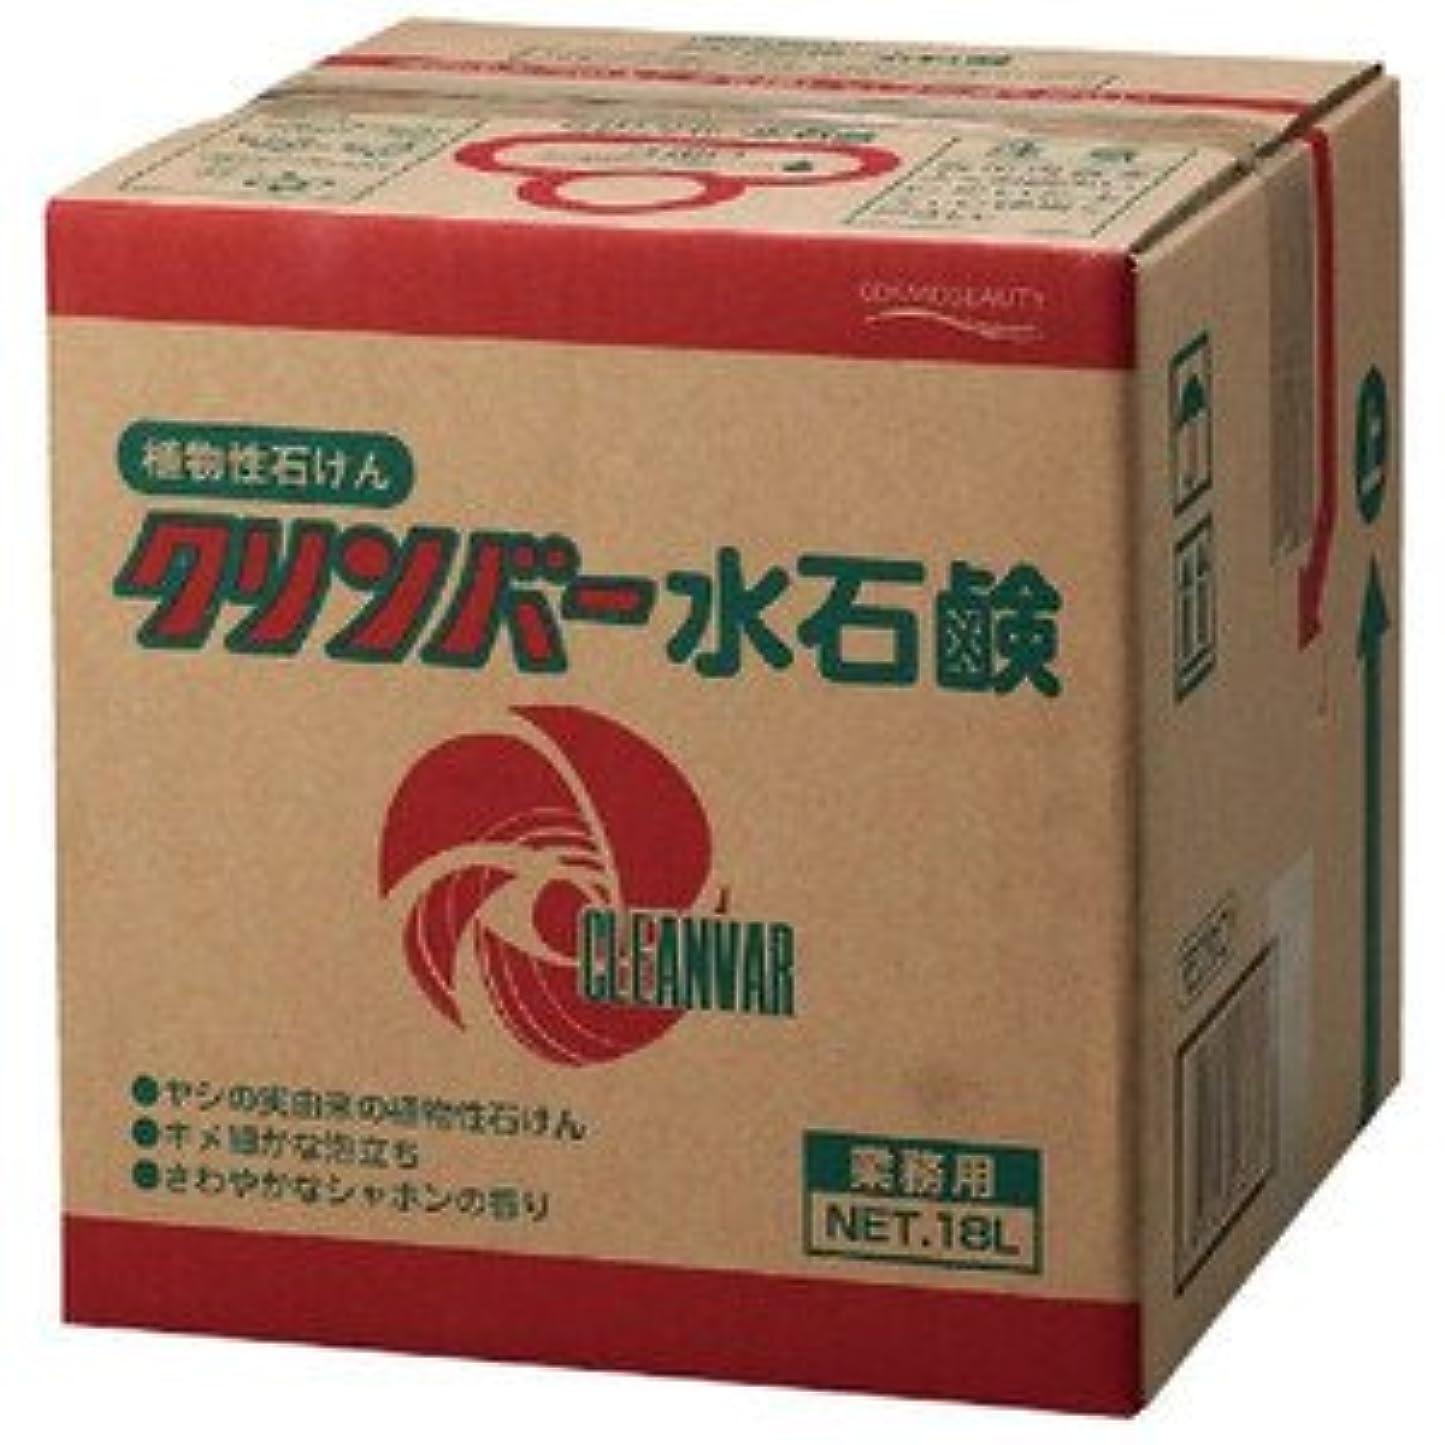 欠如エキスパートこんにちはコスモビューティー ヤシの実由来 業務用液体手洗い洗剤 ナチュラルソープ( 旧名:クリンバー水石鹸) 18L 16373